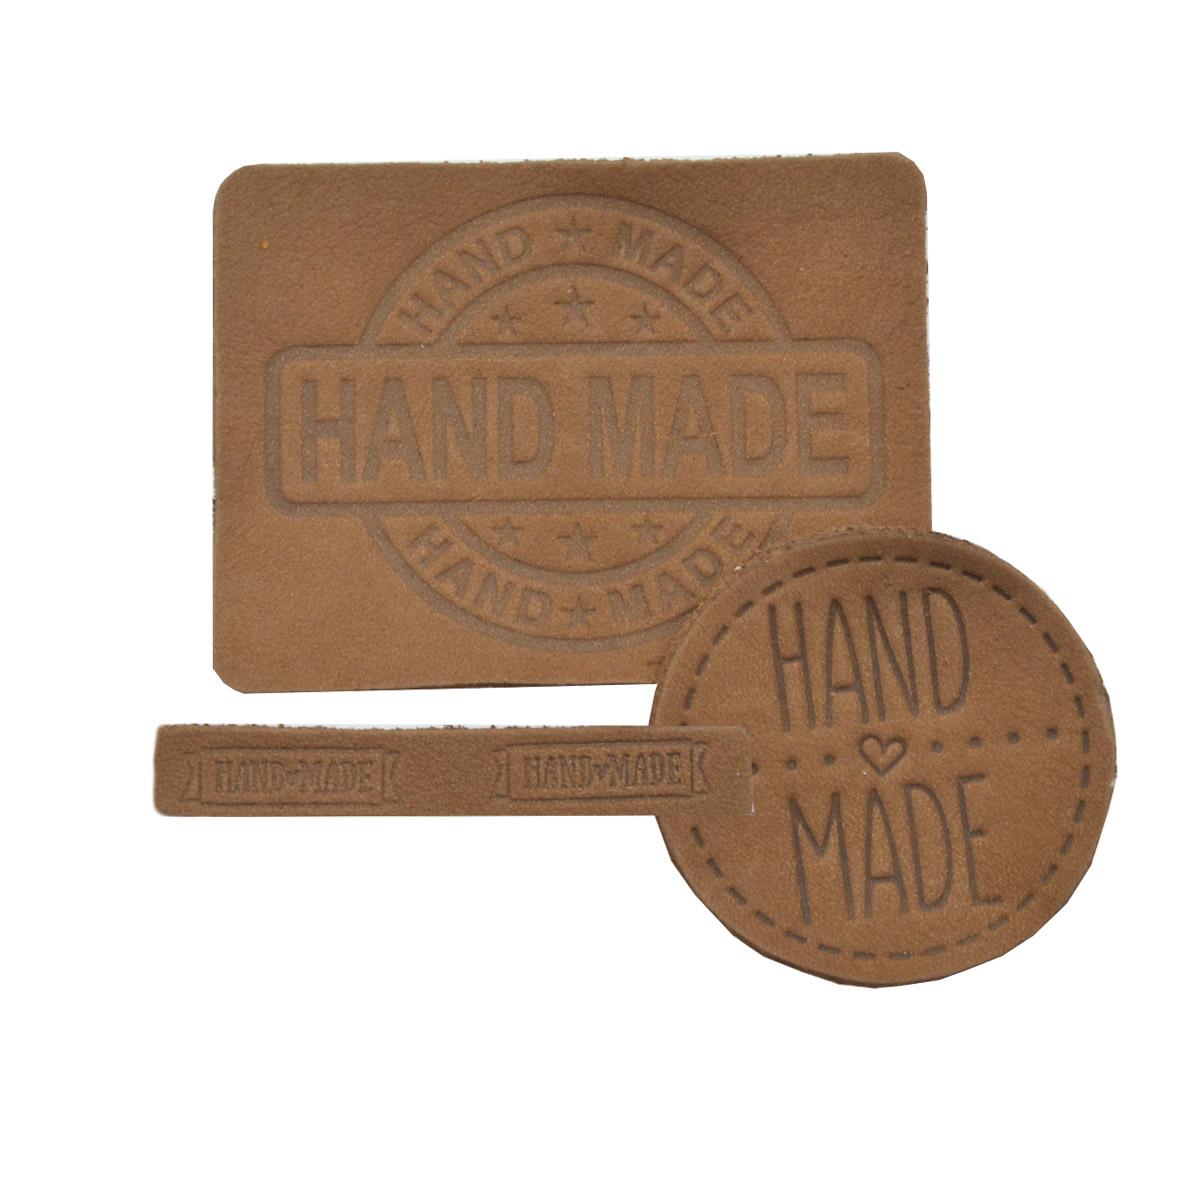 45 Набор термоаппликаций Hand Made из кожи: круг №39 - 1шт. прямоуг. №12 и №38 - по 1шт, 100% кожа